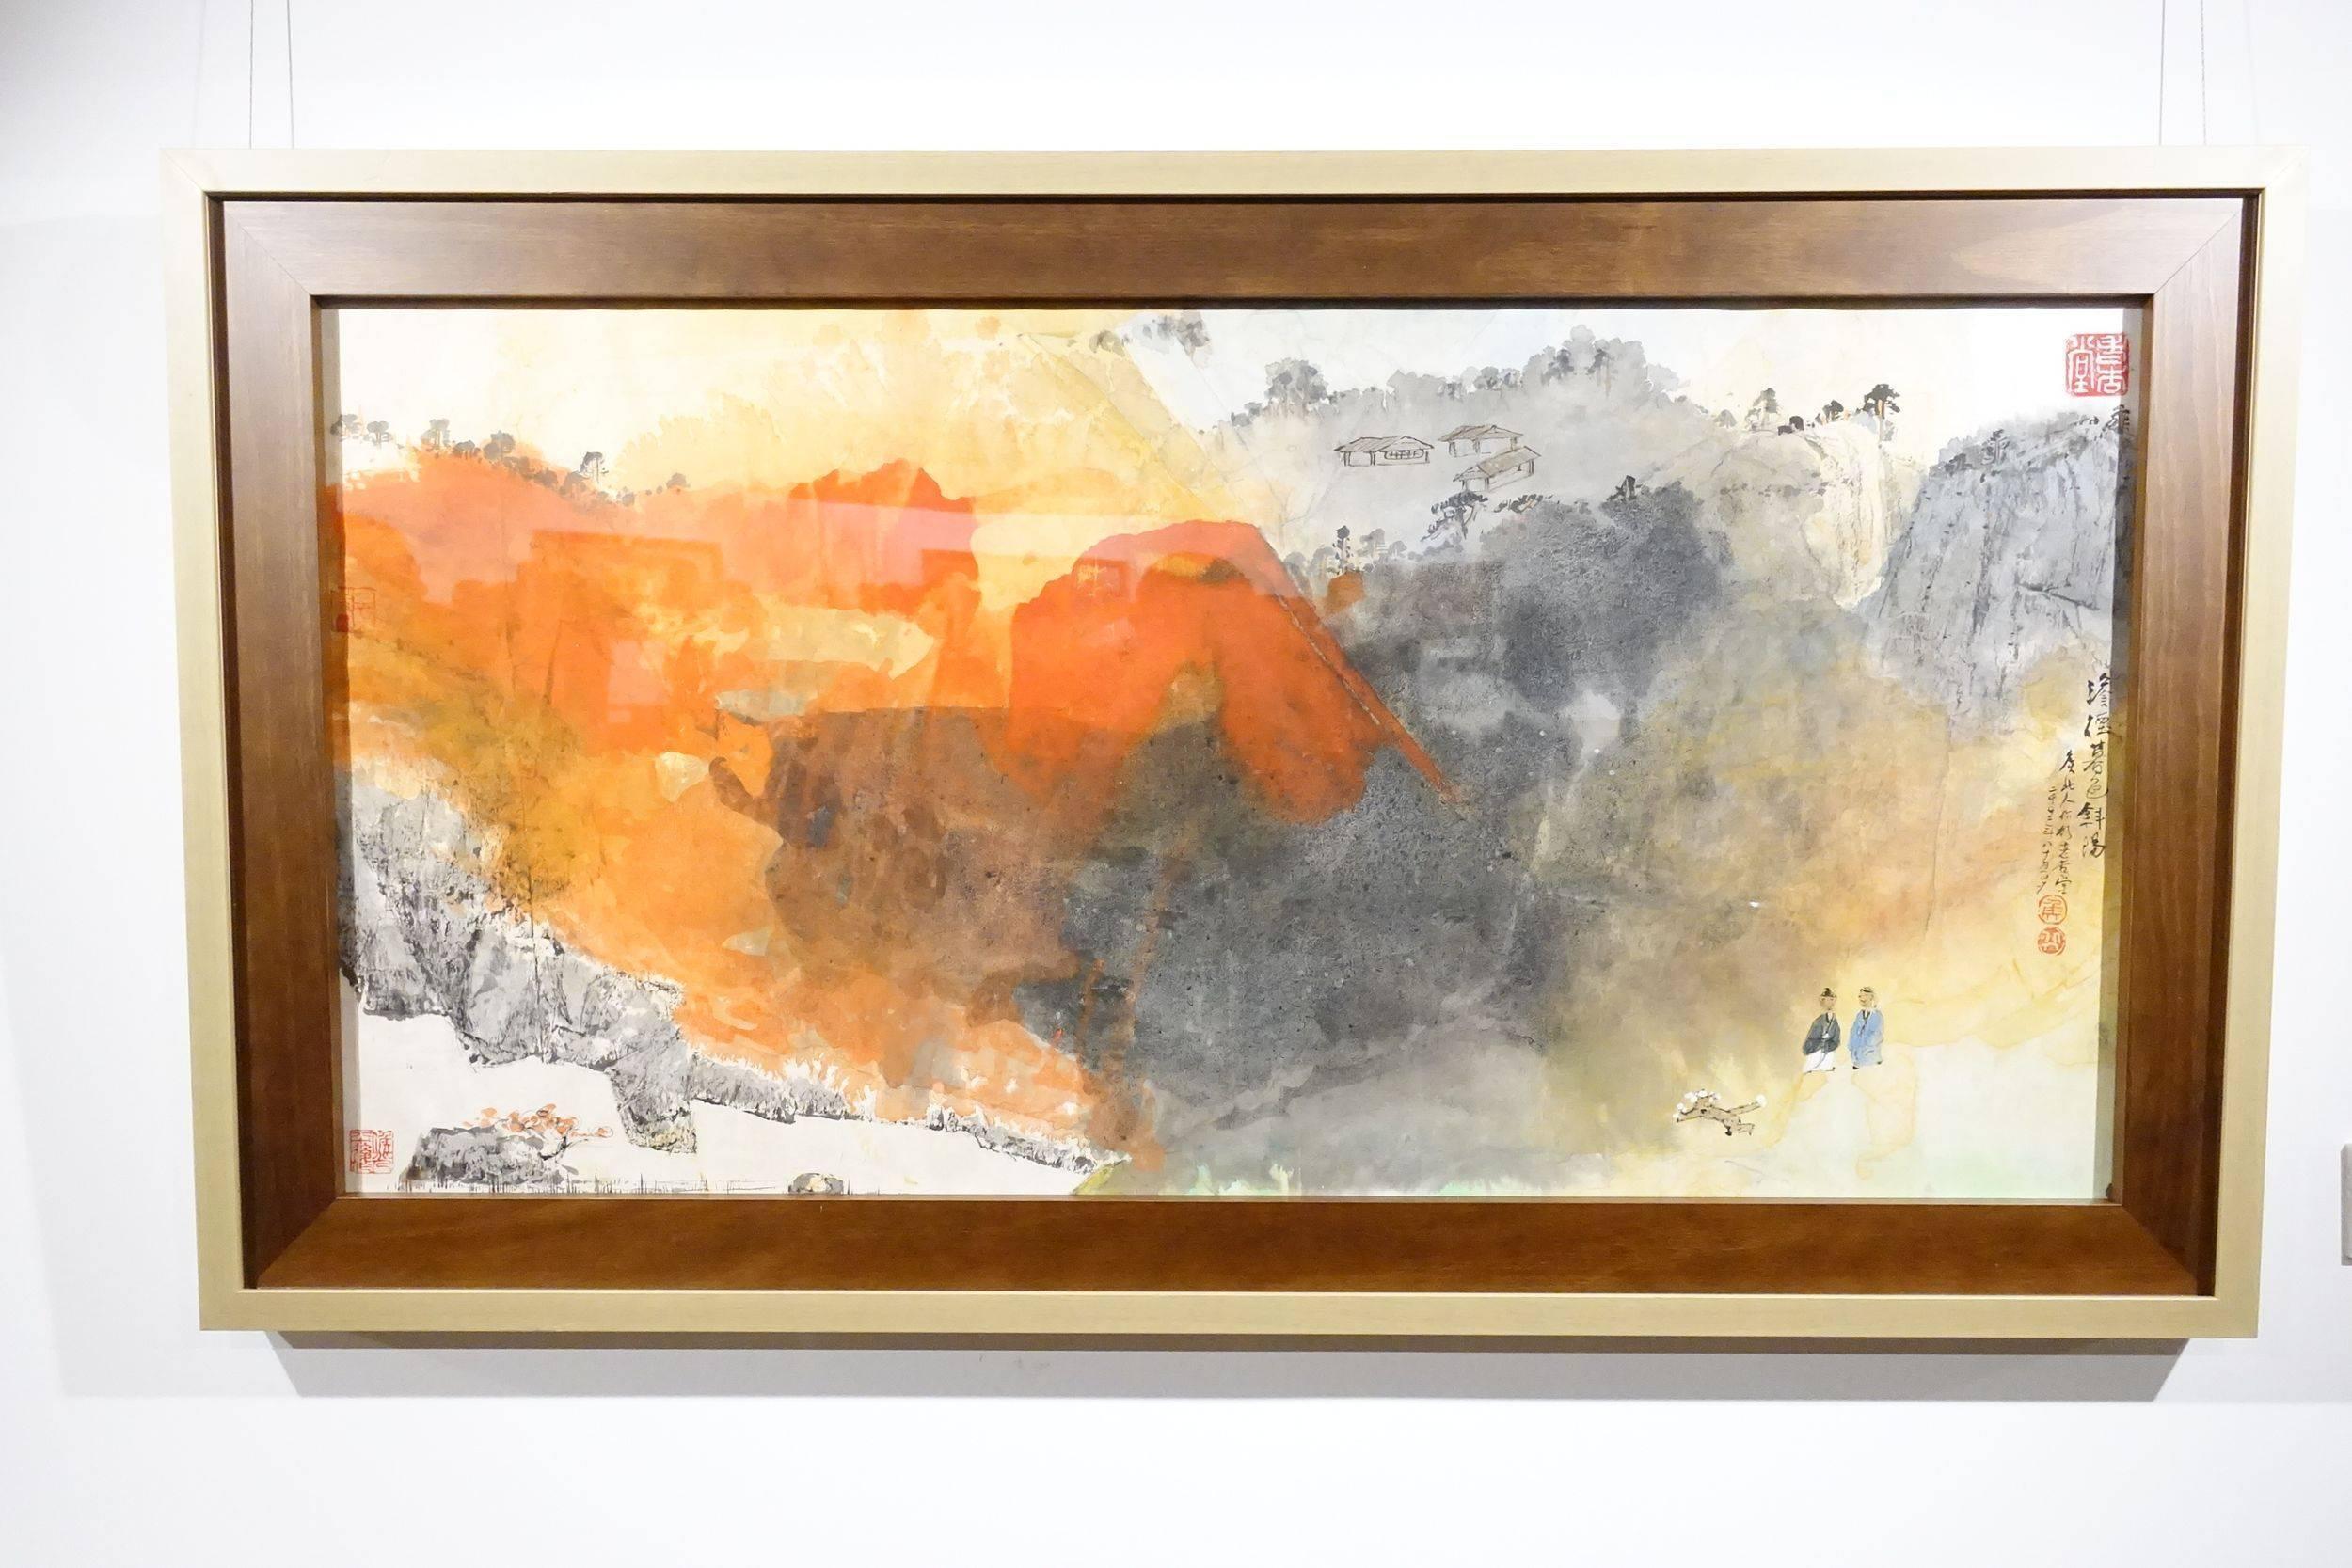 淡煙暮色斜陽,2002年。